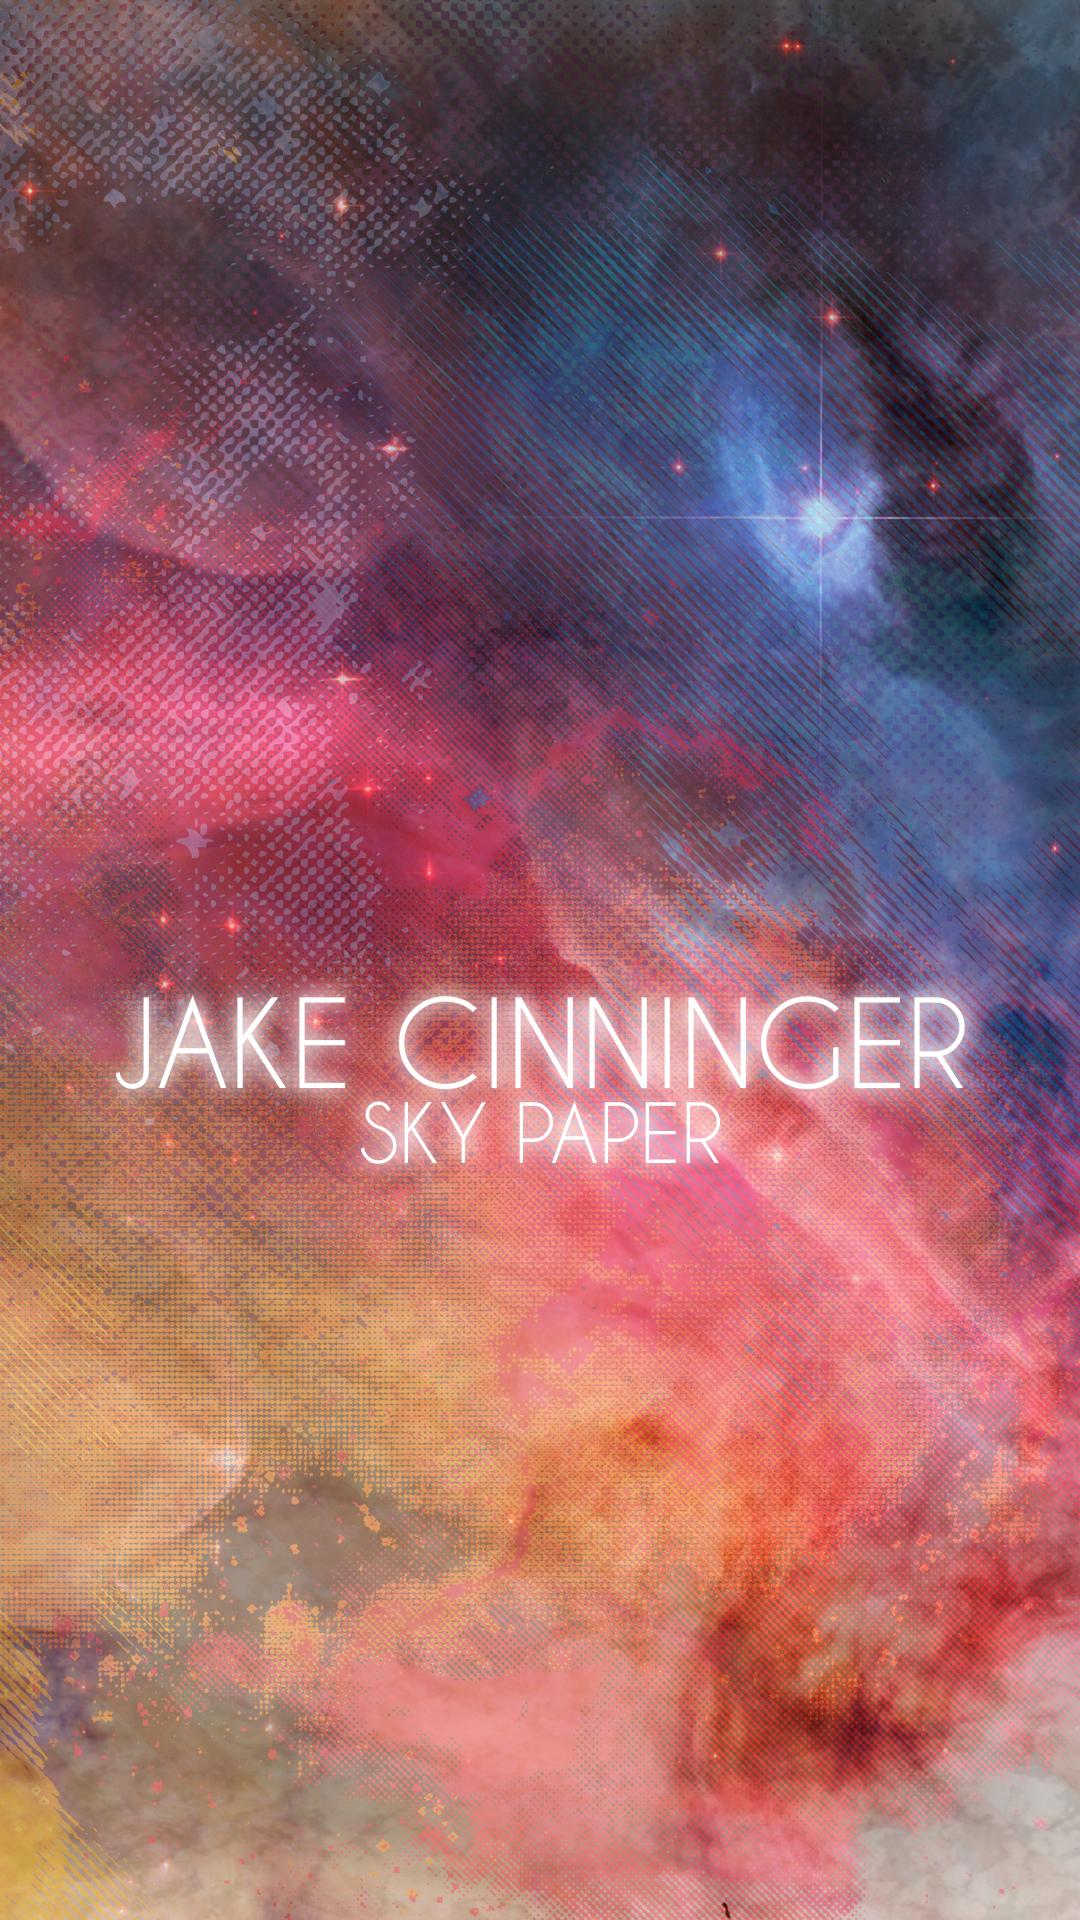 SkyPaper1080.jpg